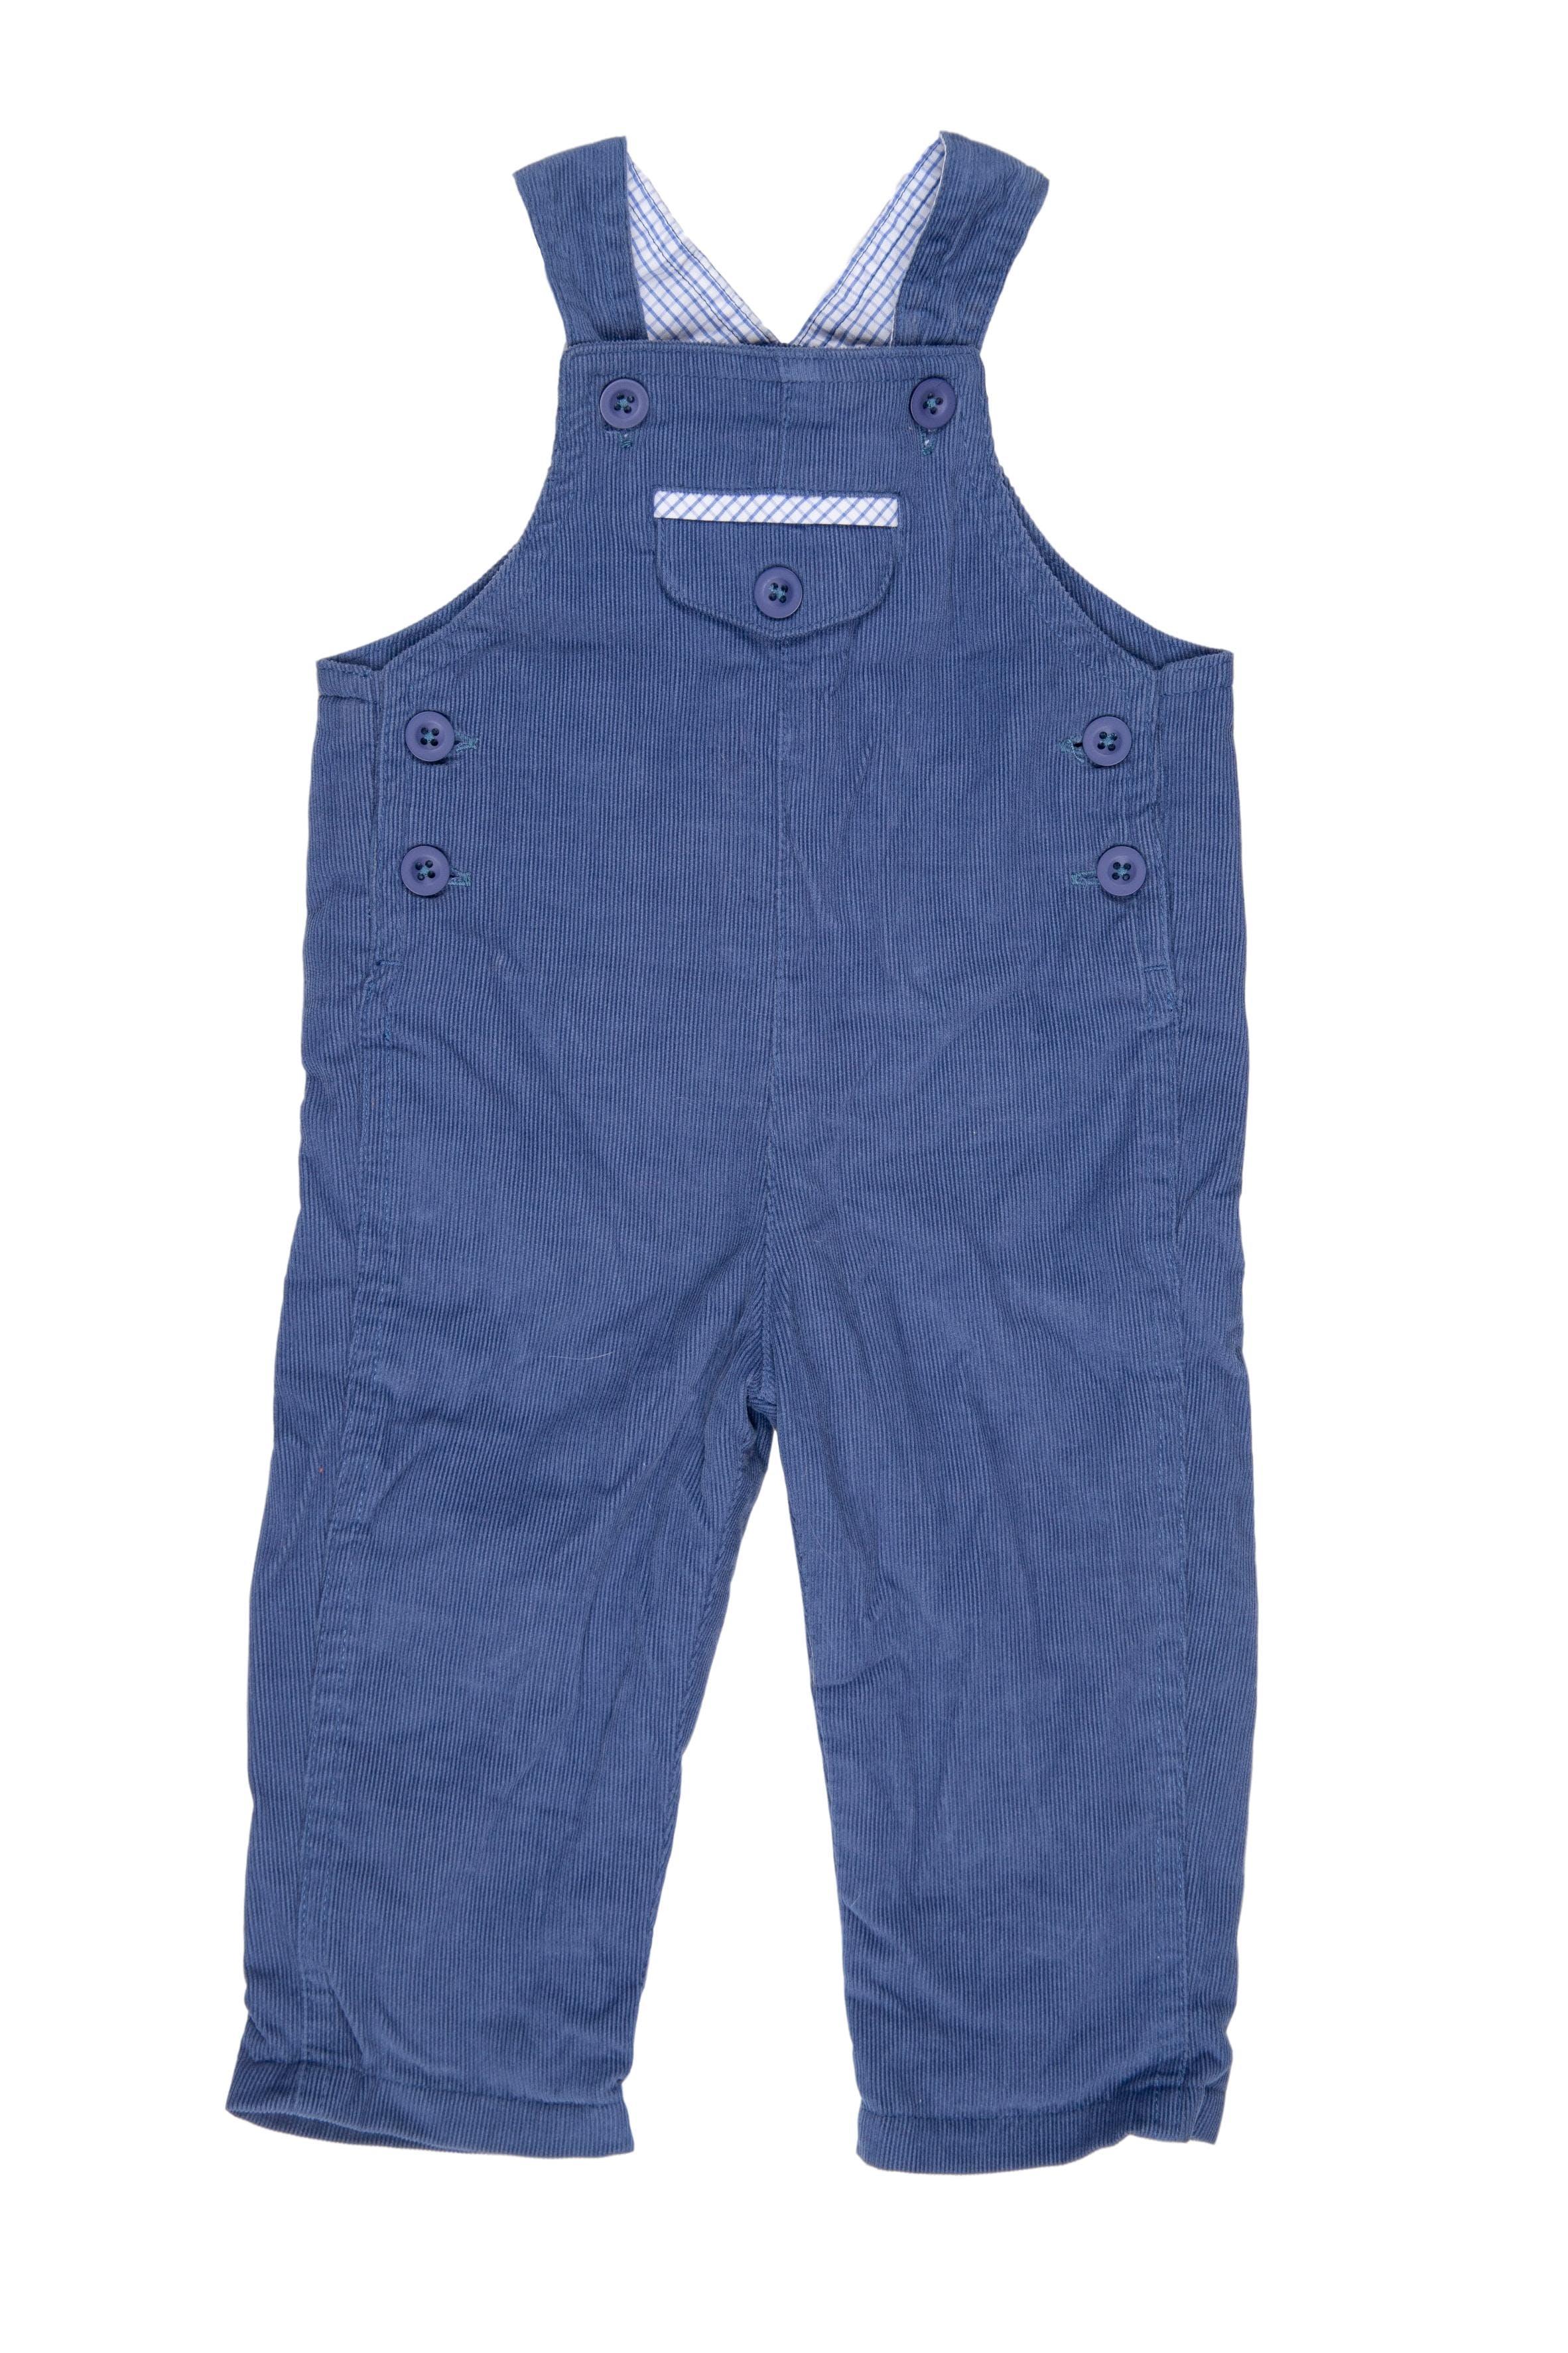 Oberol de corduroy azul tiras regulables, forrado, muy suave y 100% algodón - Baby Club Chic